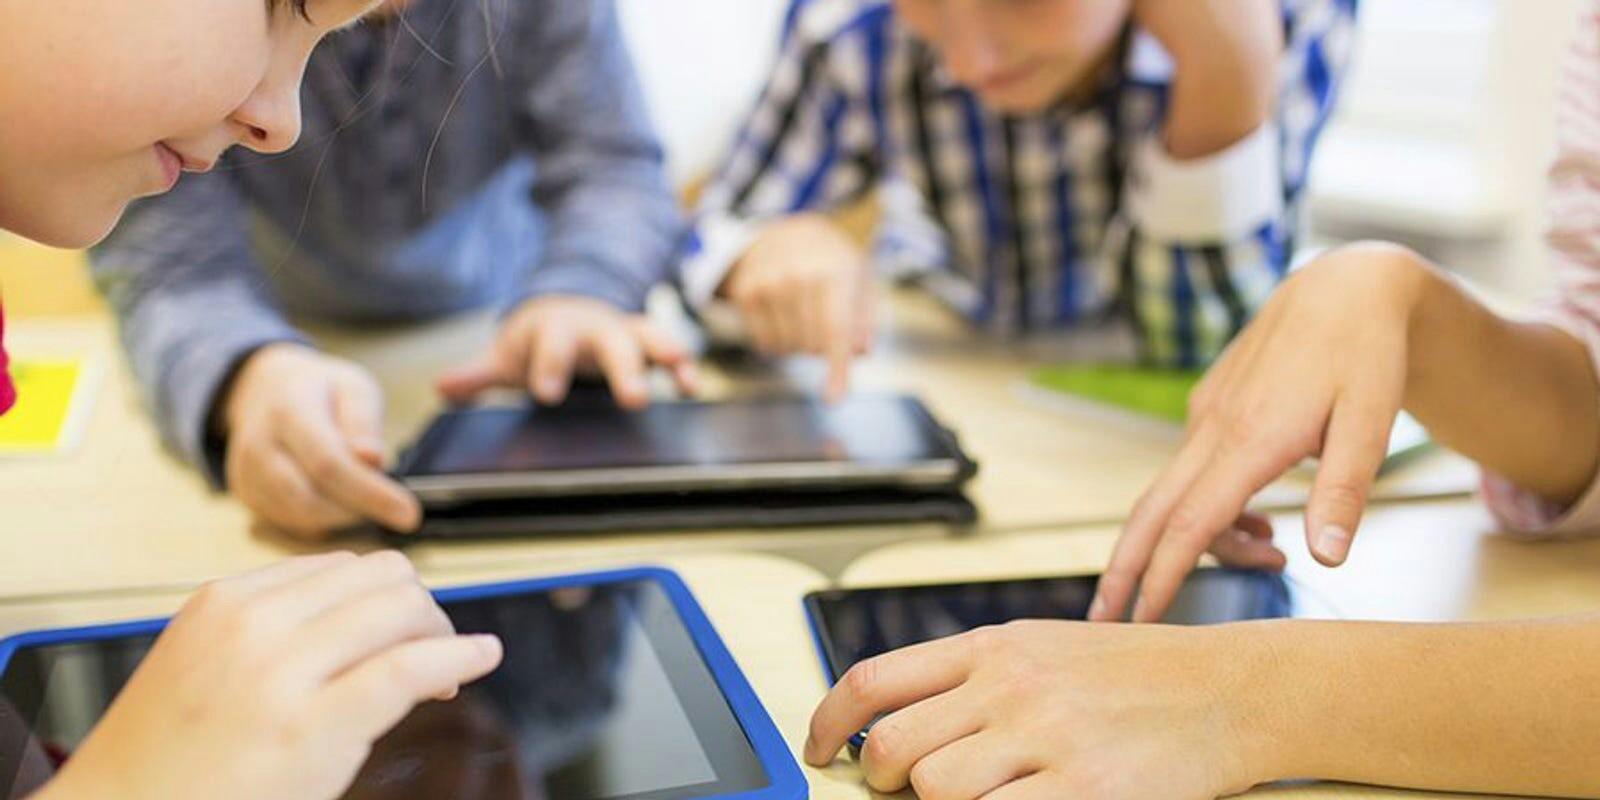 پدر و مادرها نگران نباشند / نوجوانانِ خوره موبایل مشکل روانی ندارند